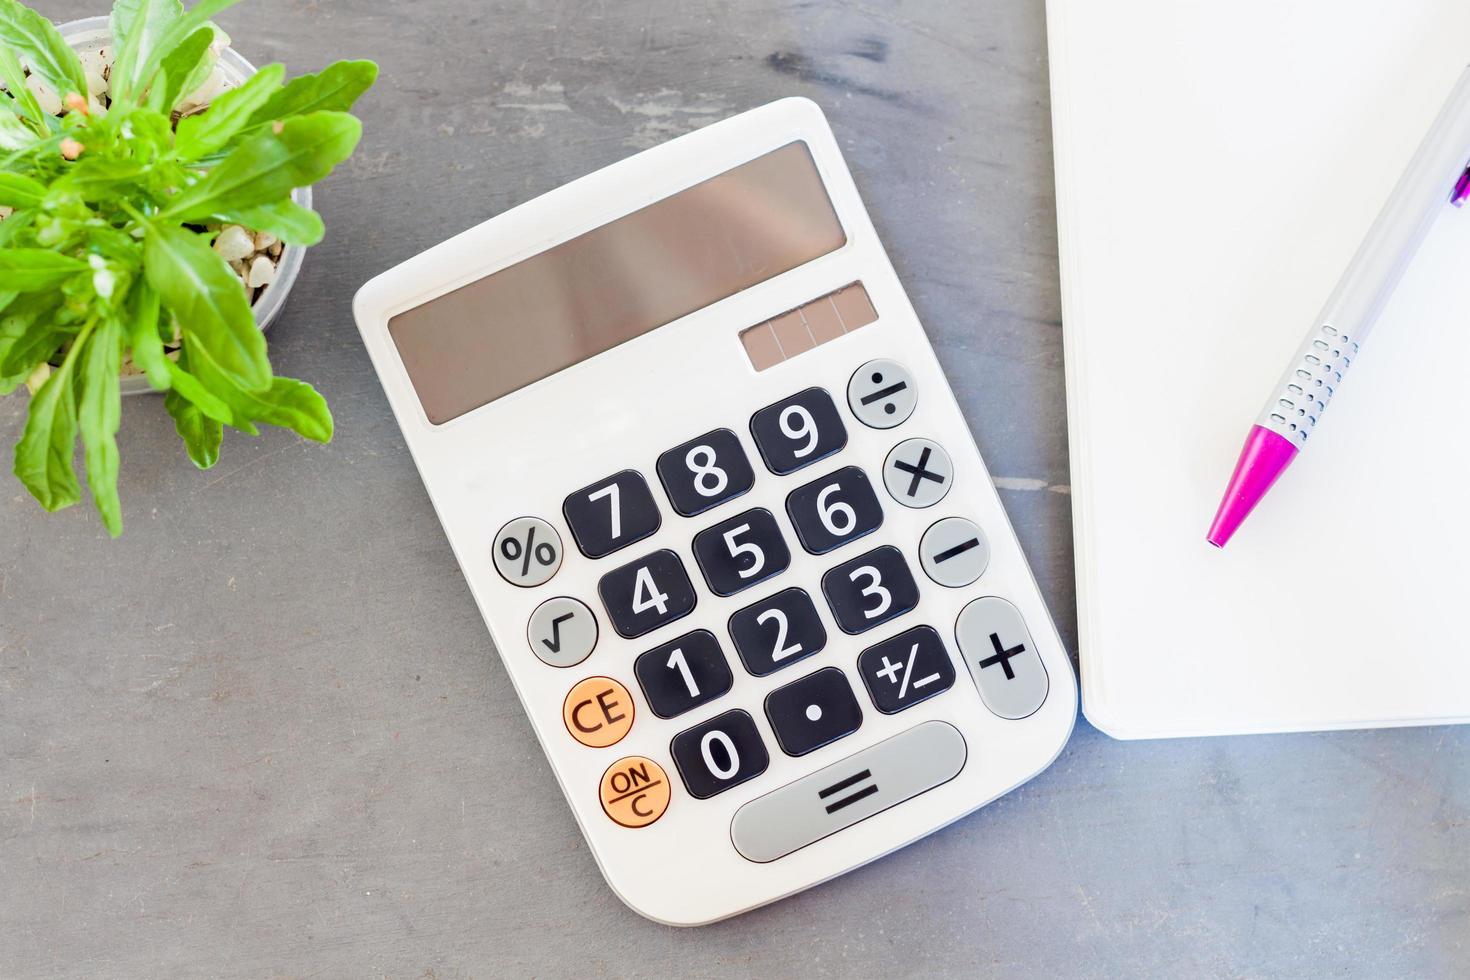 Taschenrechner, Notizblock und Stift mit einer grünen Pflanze foto